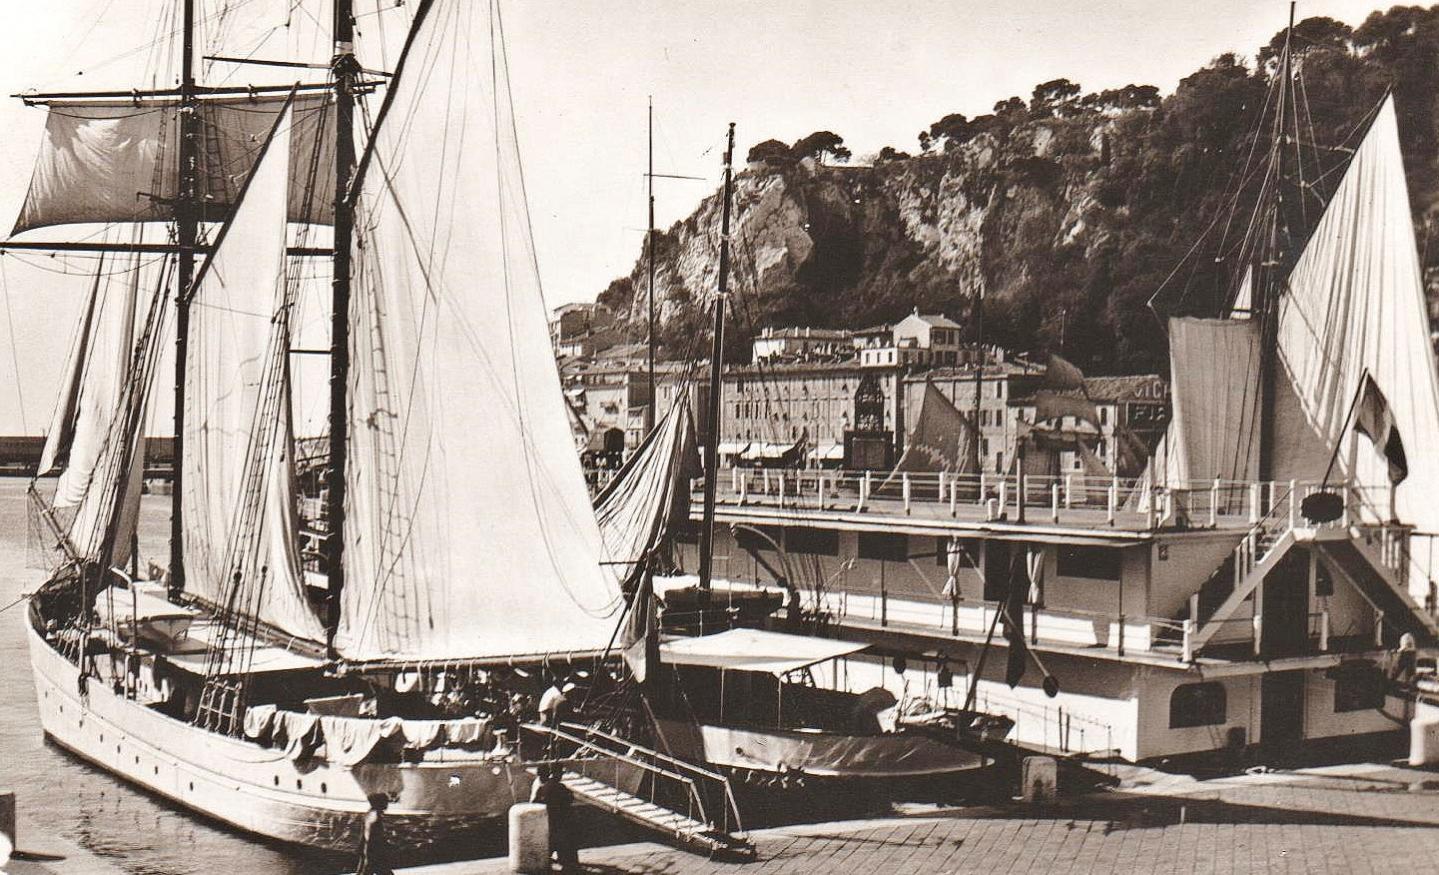 Du pavillon flottant du club nautique, Matisse part en canoë...